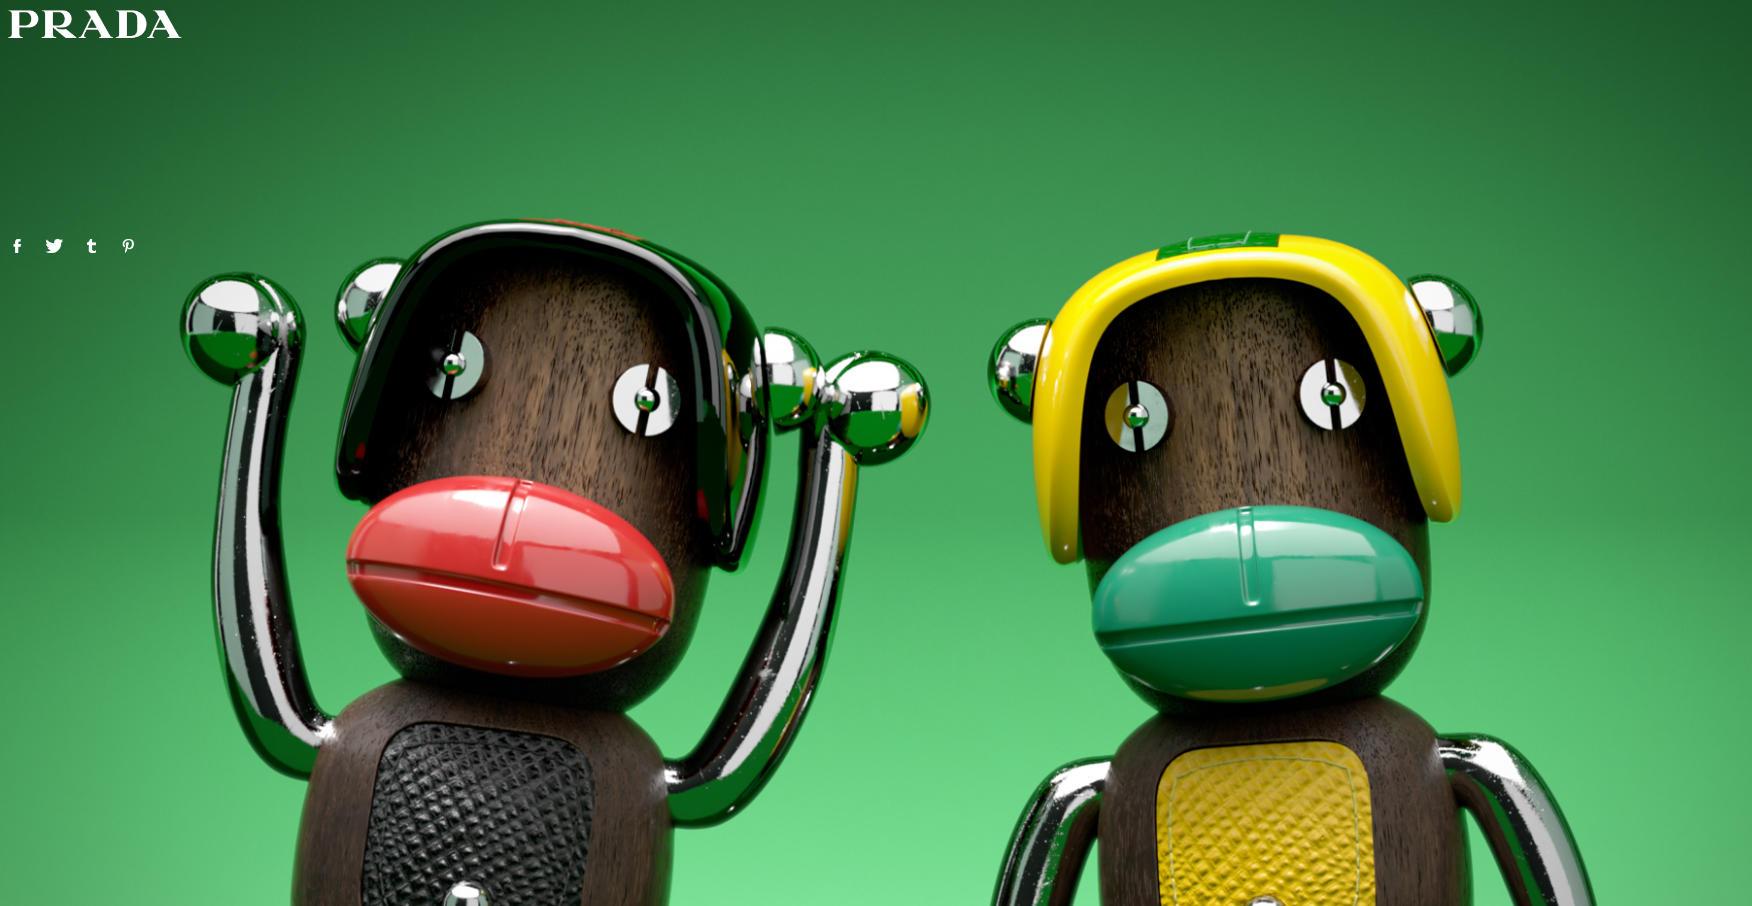 c80631cb1 Prada blackface: Luxury brand Prada accused of using blackface ...